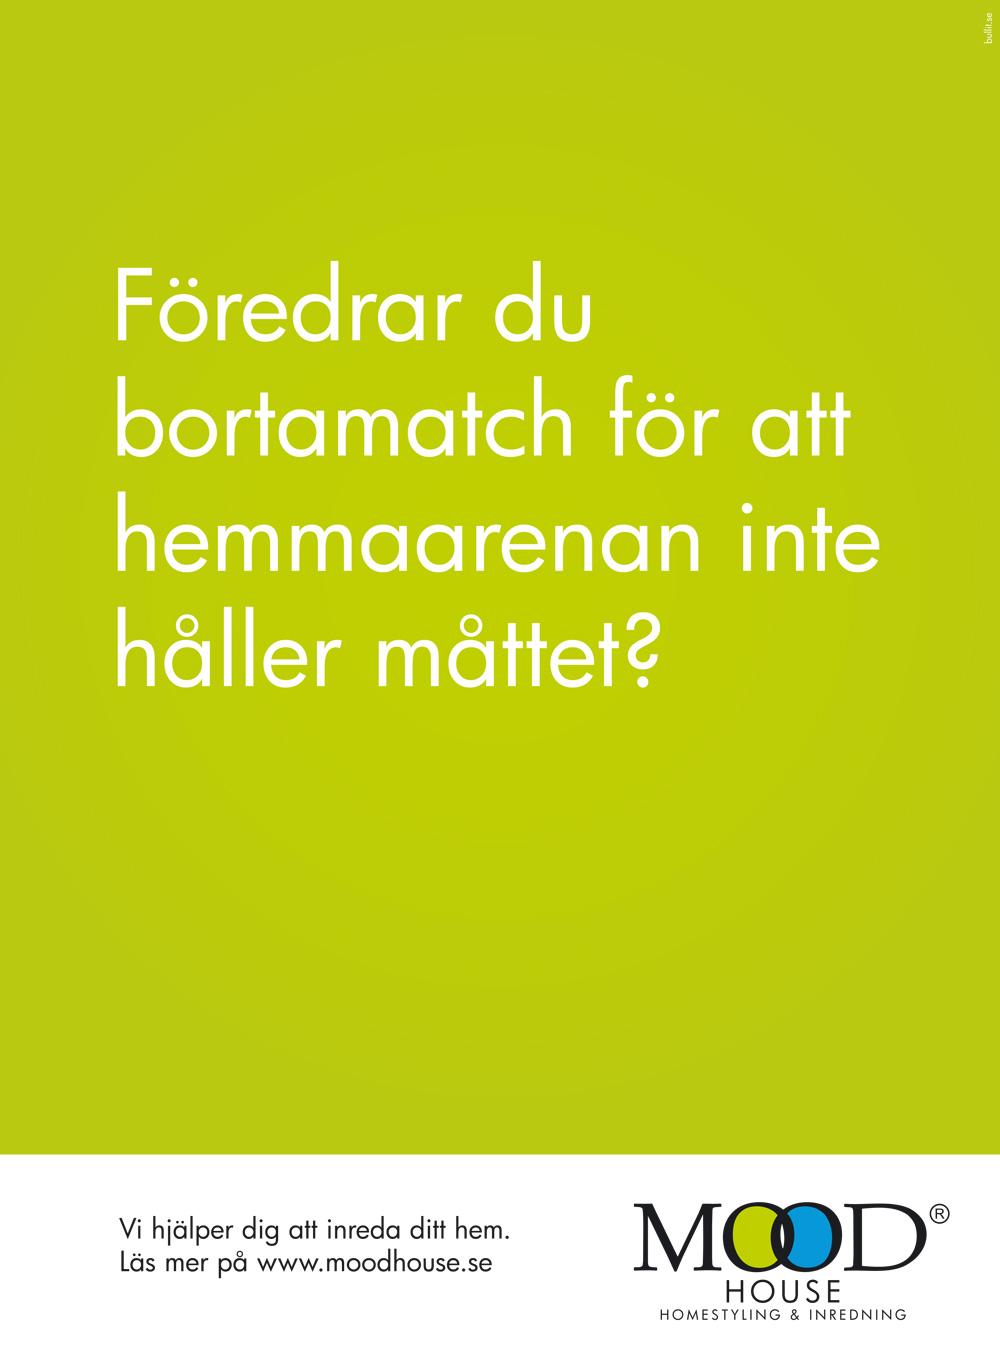 Annons för Moodhouse i fotbollsmagasinet Four four two, av Peter Berglund, Bullit Reklambyrå